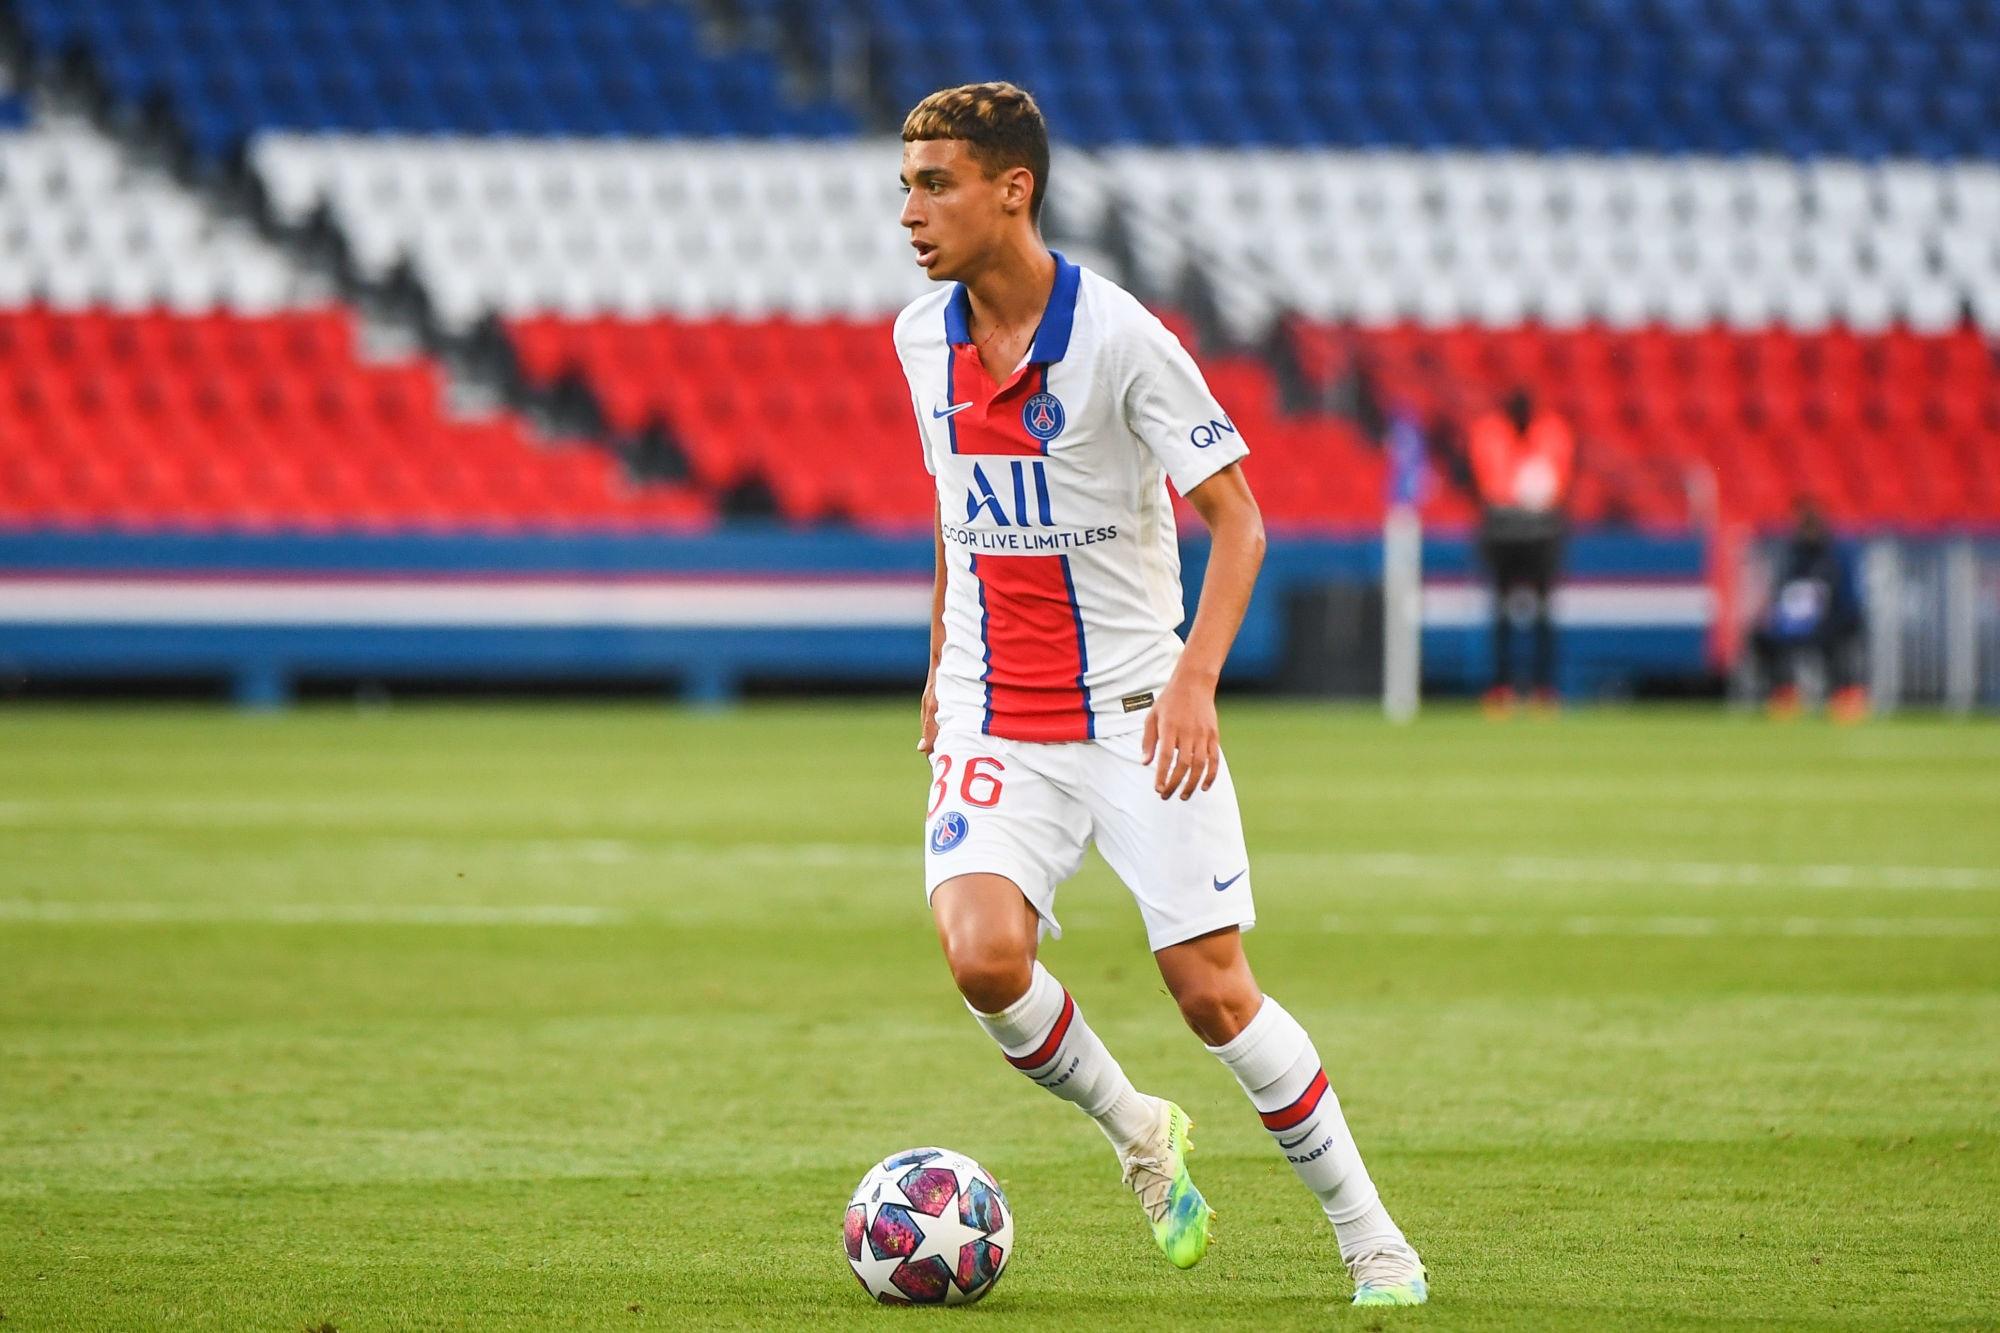 Ruiz-Atil sorti du groupe professionnel du PSG, un choix lié à son contrat d'après L'Equipe